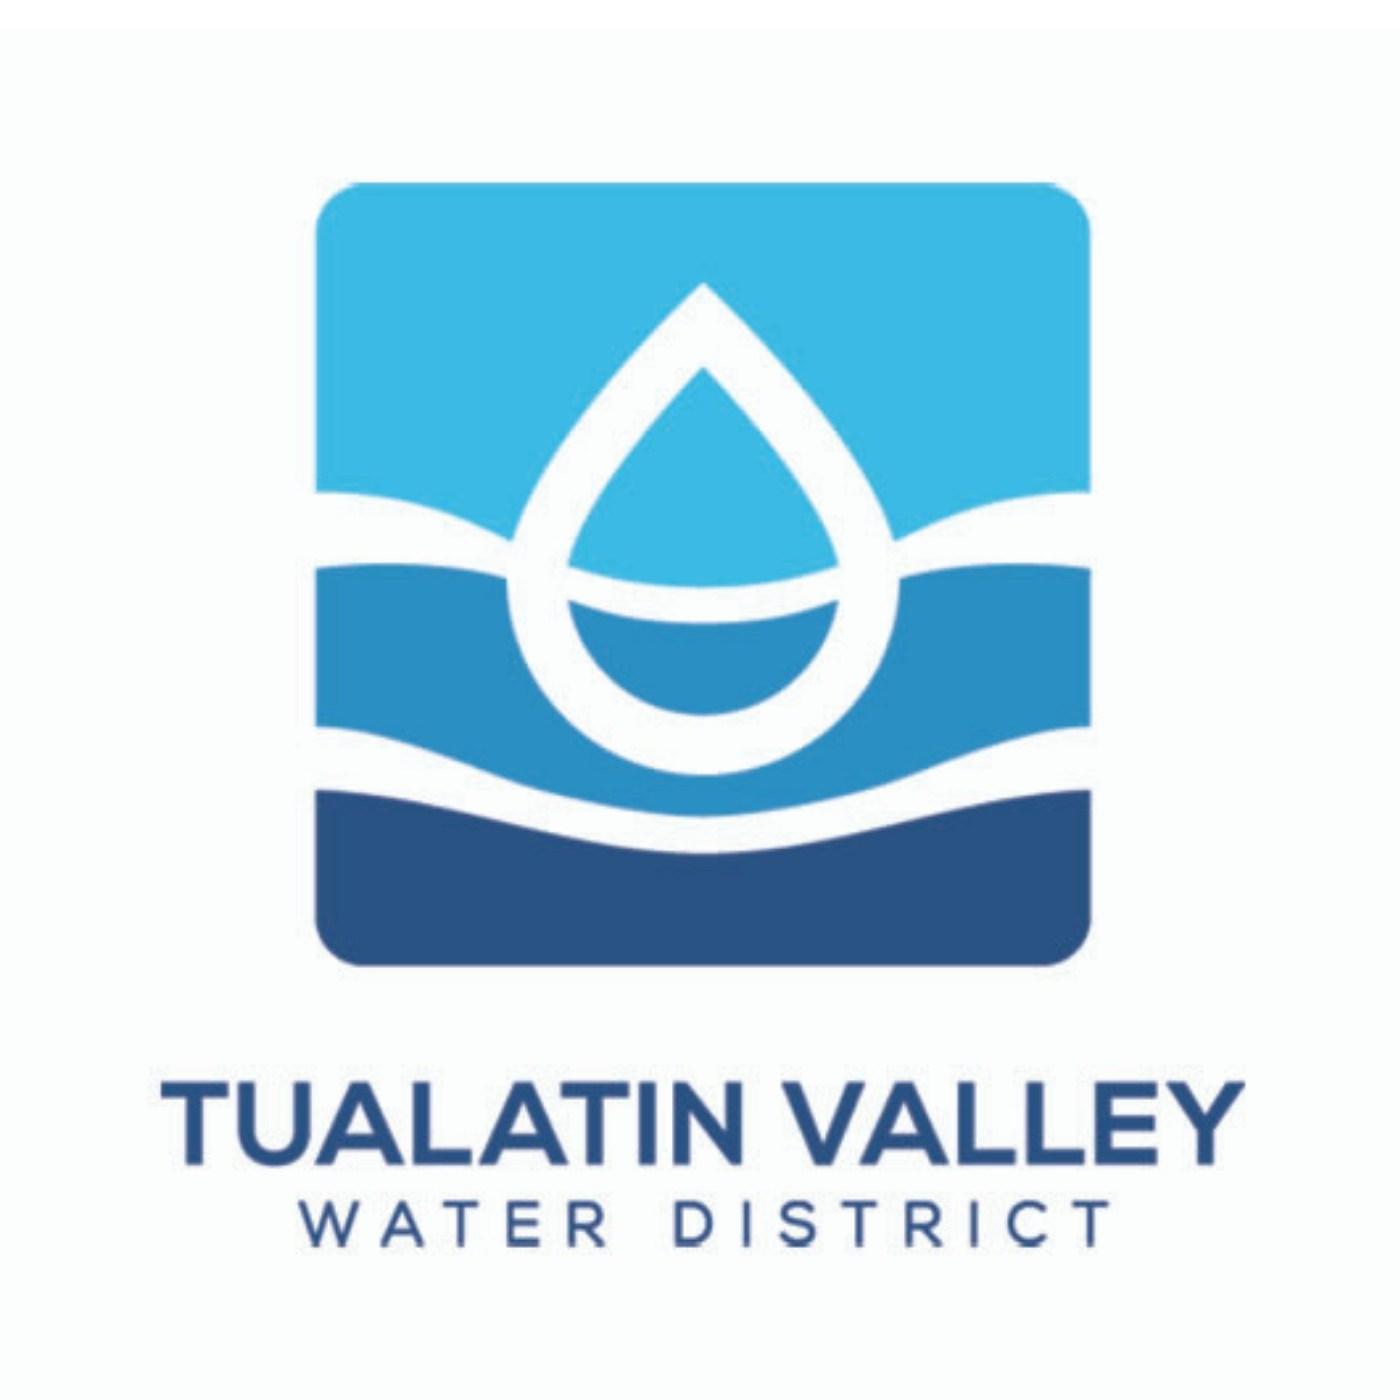 Tualatin valley water district logo